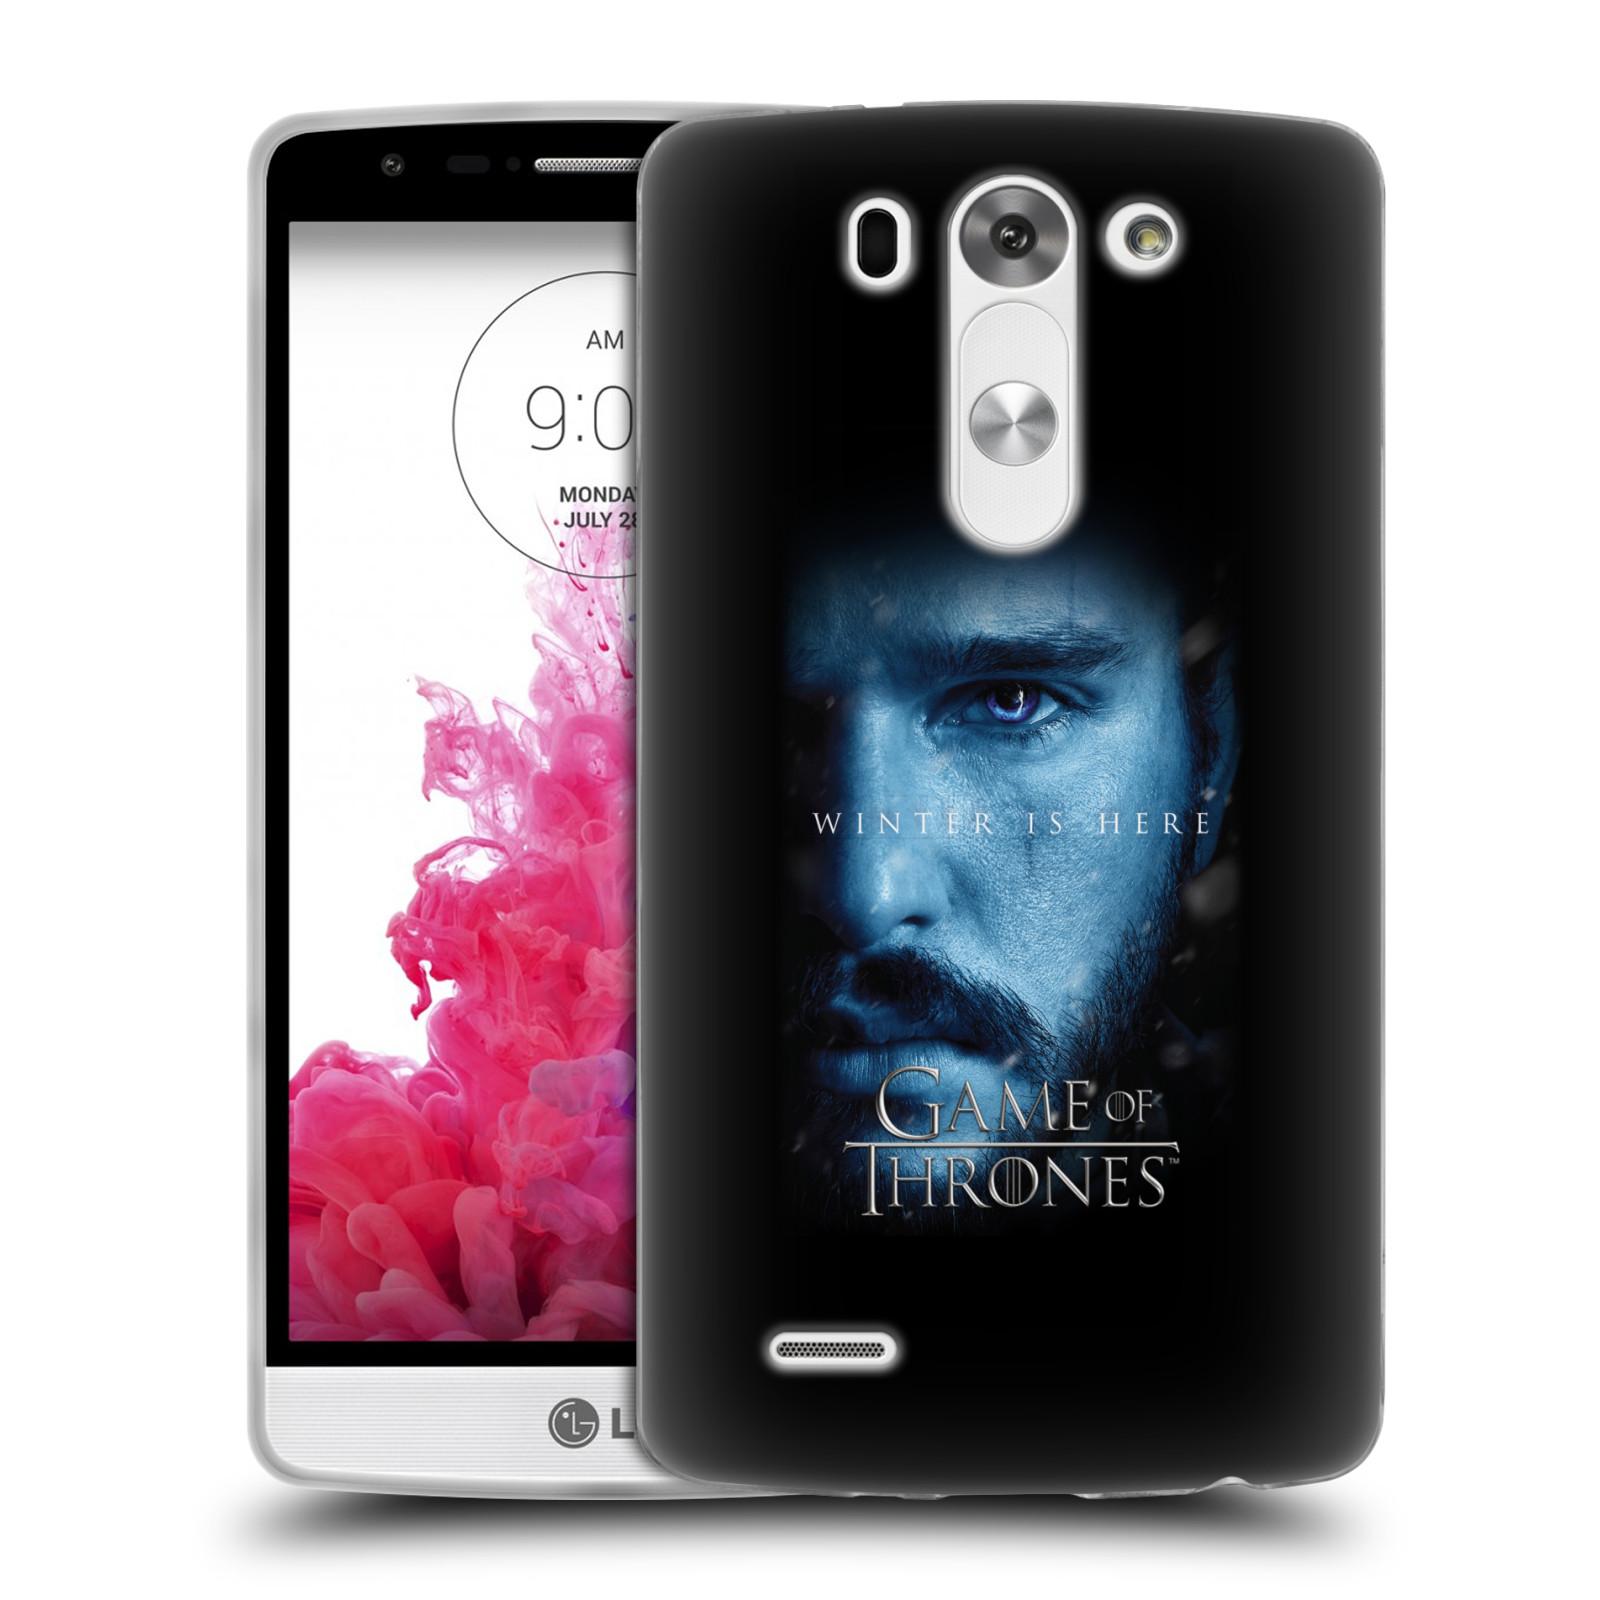 Silikonové pouzdro na mobil LG G3s - Head Case - Hra o trůny - Jon Snow - Winter is here (Silikonový kryt či obal na mobilní telefon s motivem Game of Thrones - Jon Snow - Winter is here - Season 7 pro LG G3s)